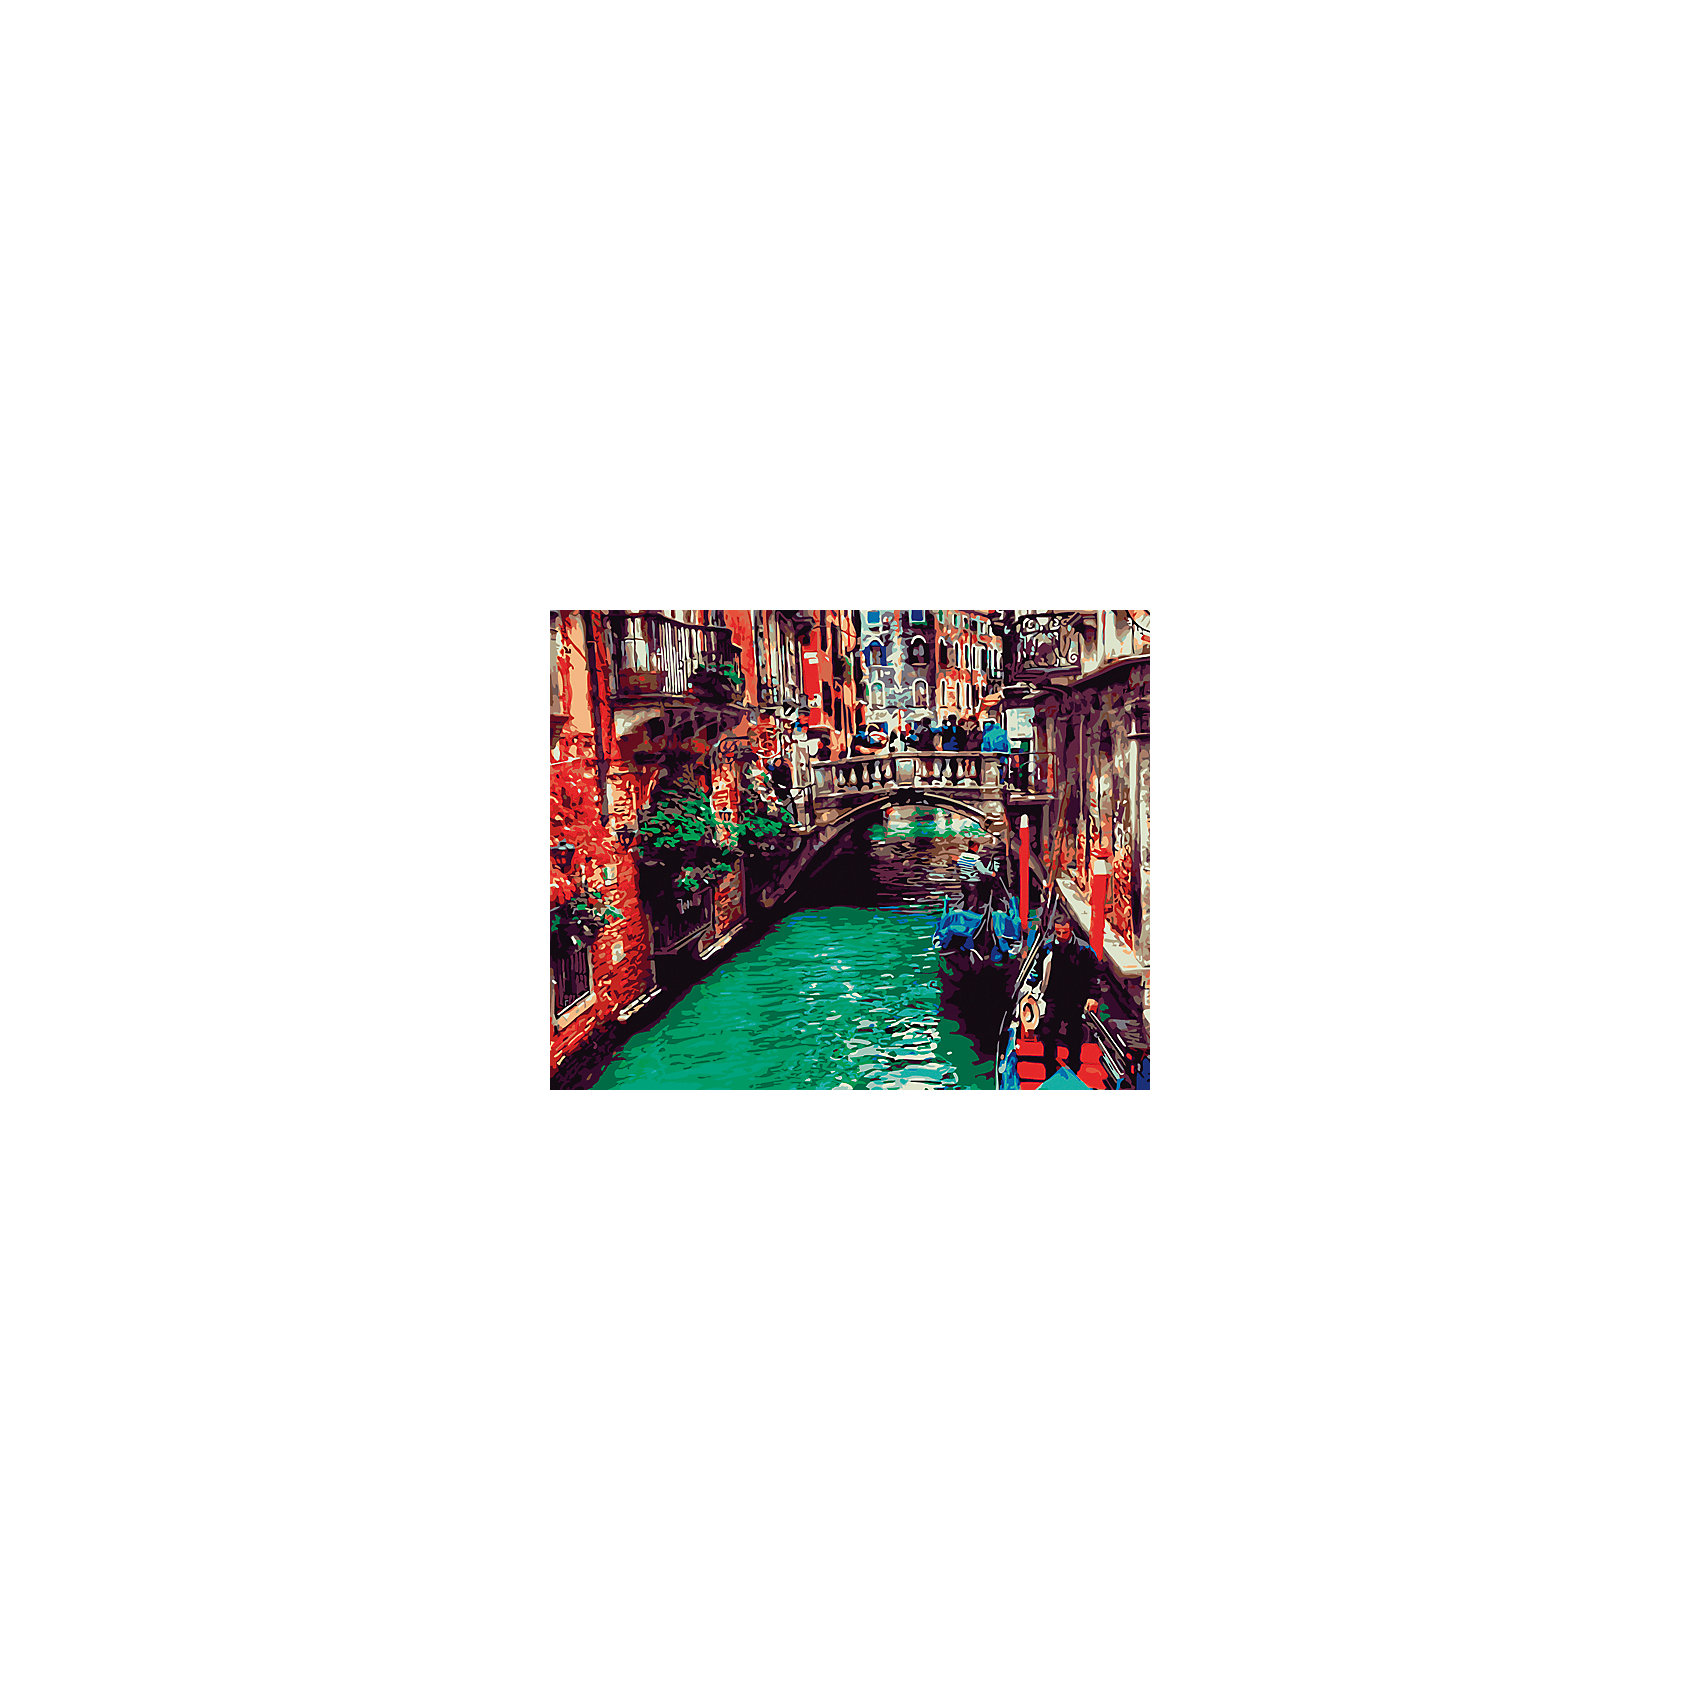 Холст с красками по номерам Канал в Венеции 40х50 смзамечательные наборы для создания уникального шедевра изобразительного искусства. Создание картин на специально подготовленной рабочей поверхности – это уникальная техника, позволяющая делать Ваши шедевры более яркими и реалистичными. Просто нанесите мазки на уже готовый эскиз и оживите картину! Готовые изделия могут стать украшением интерьера или прекрасным подарком близким и друзьям.<br><br>Ширина мм: 510<br>Глубина мм: 410<br>Высота мм: 25<br>Вес г: 900<br>Возраст от месяцев: 36<br>Возраст до месяцев: 108<br>Пол: Унисекс<br>Возраст: Детский<br>SKU: 5096770